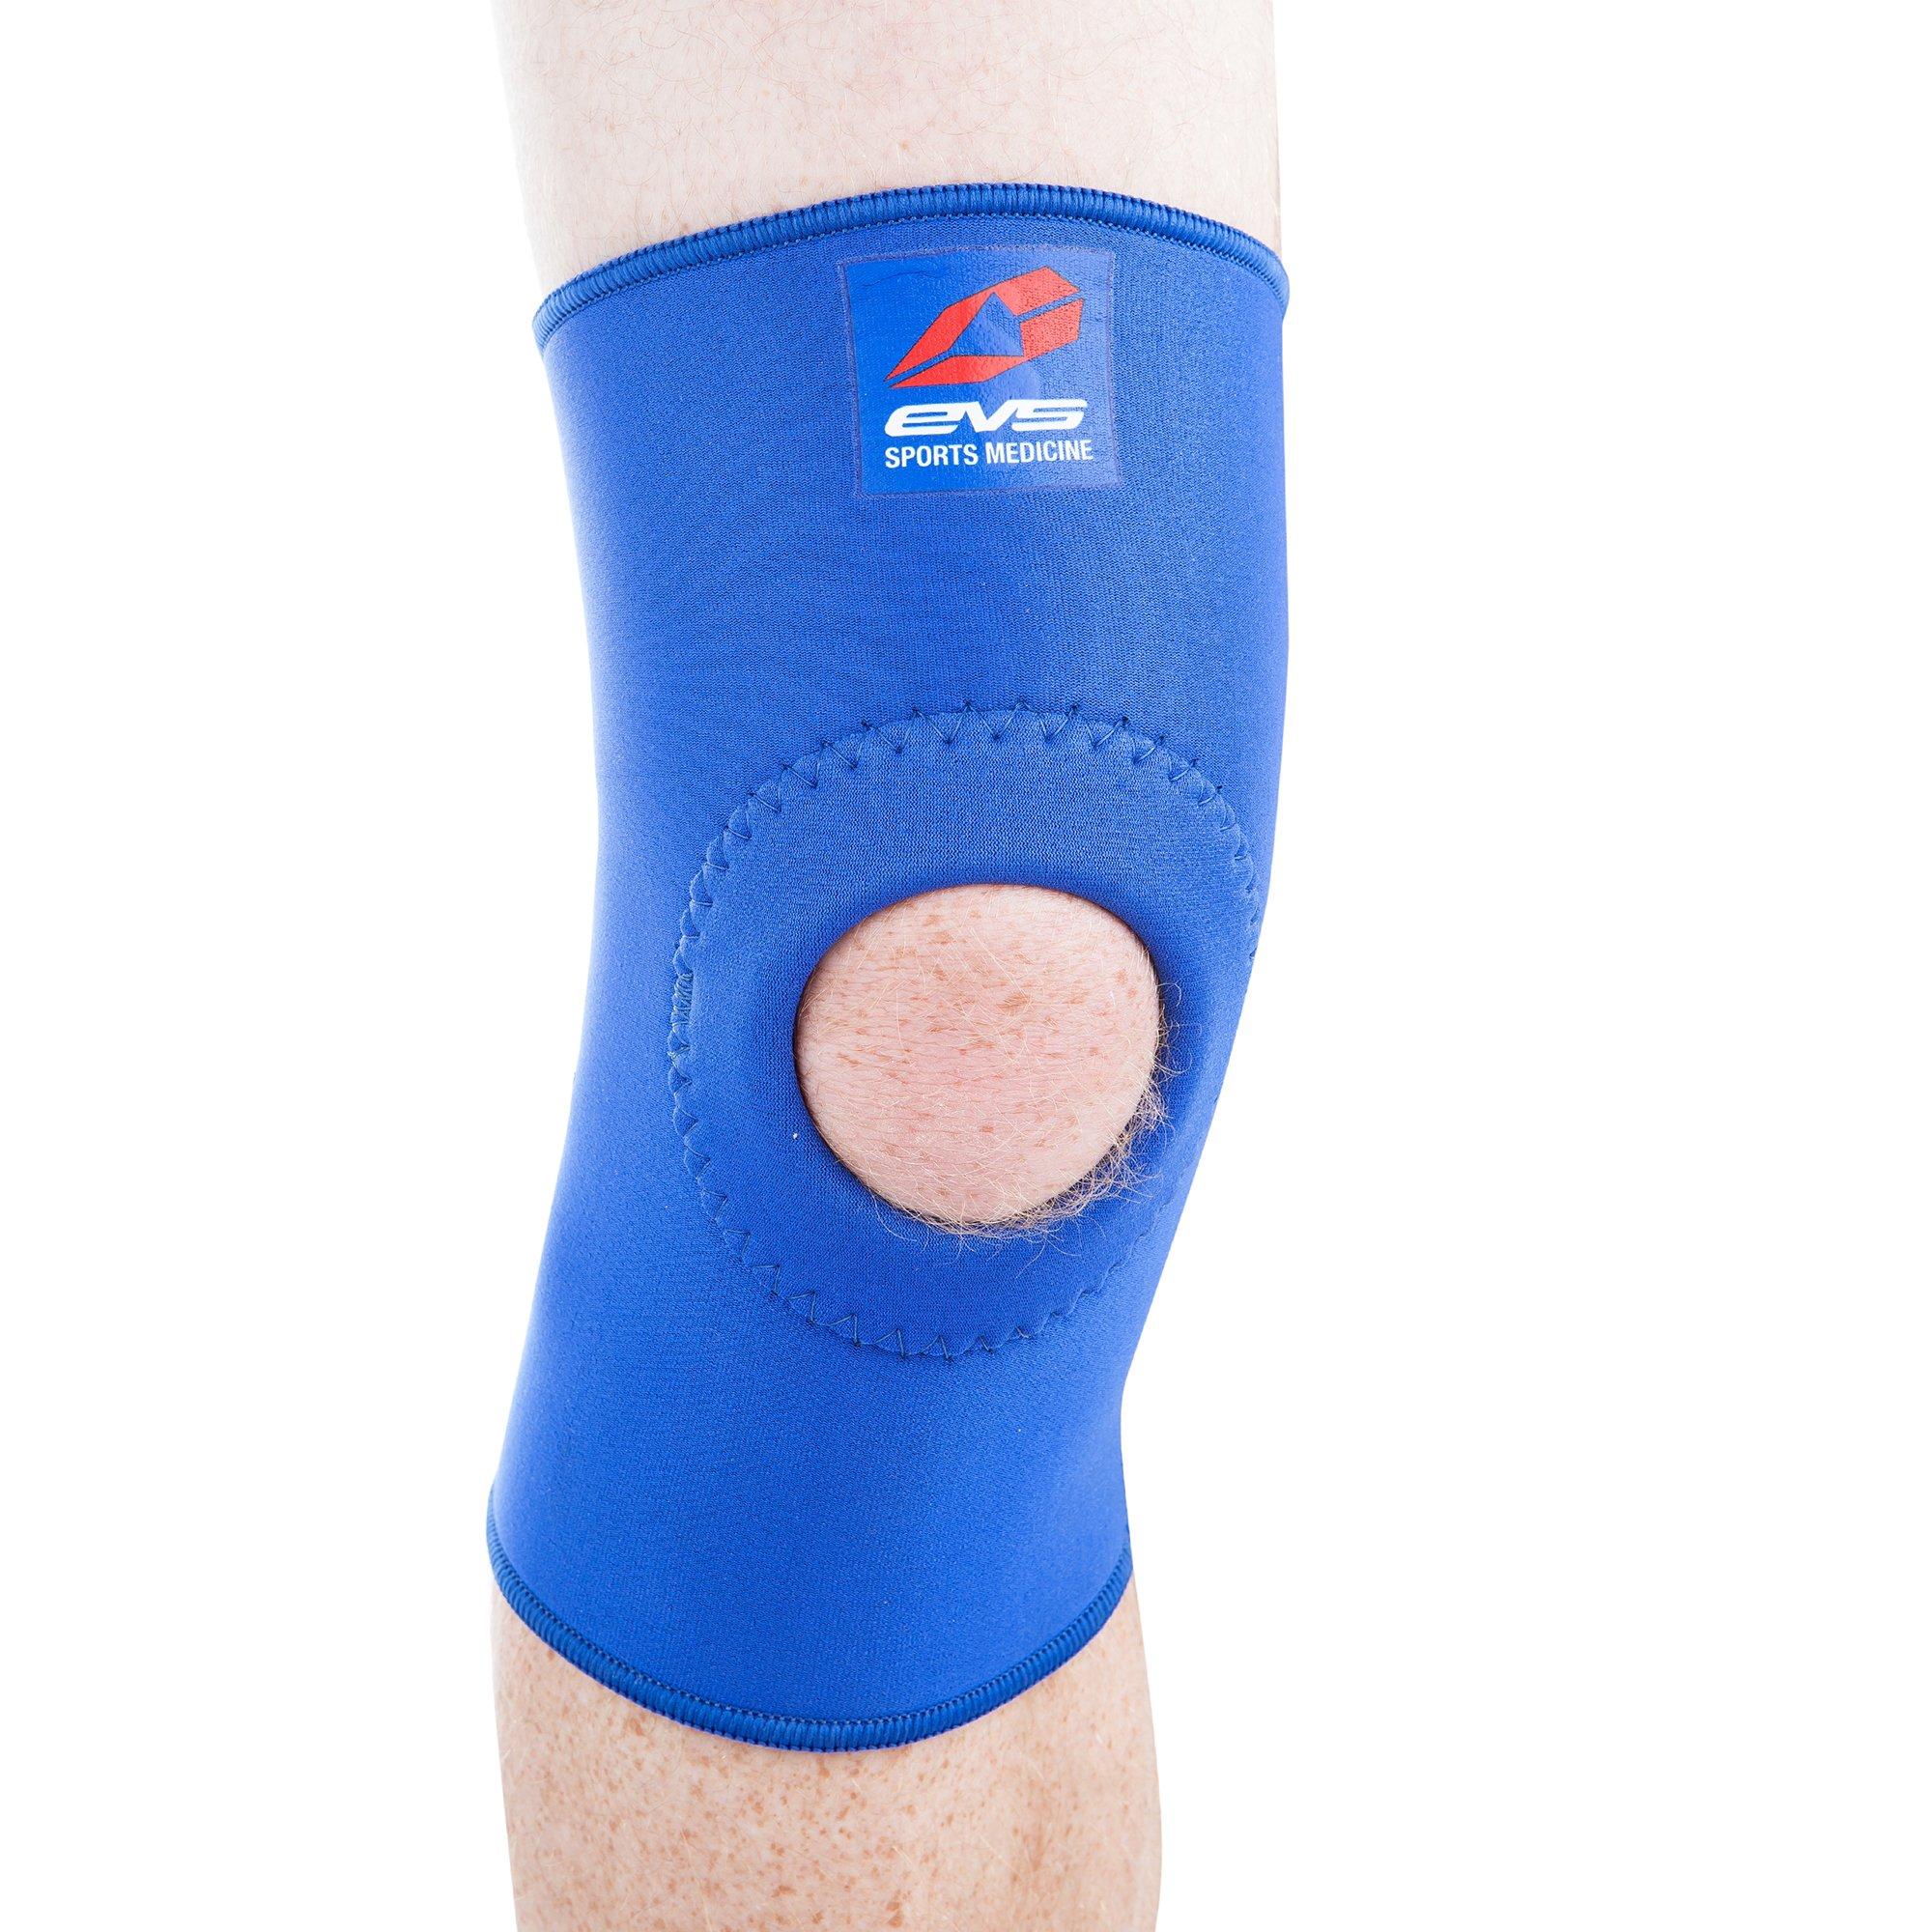 EVS Sports Unisex-Adult Neoprene Knee Support (Blue, Medium)